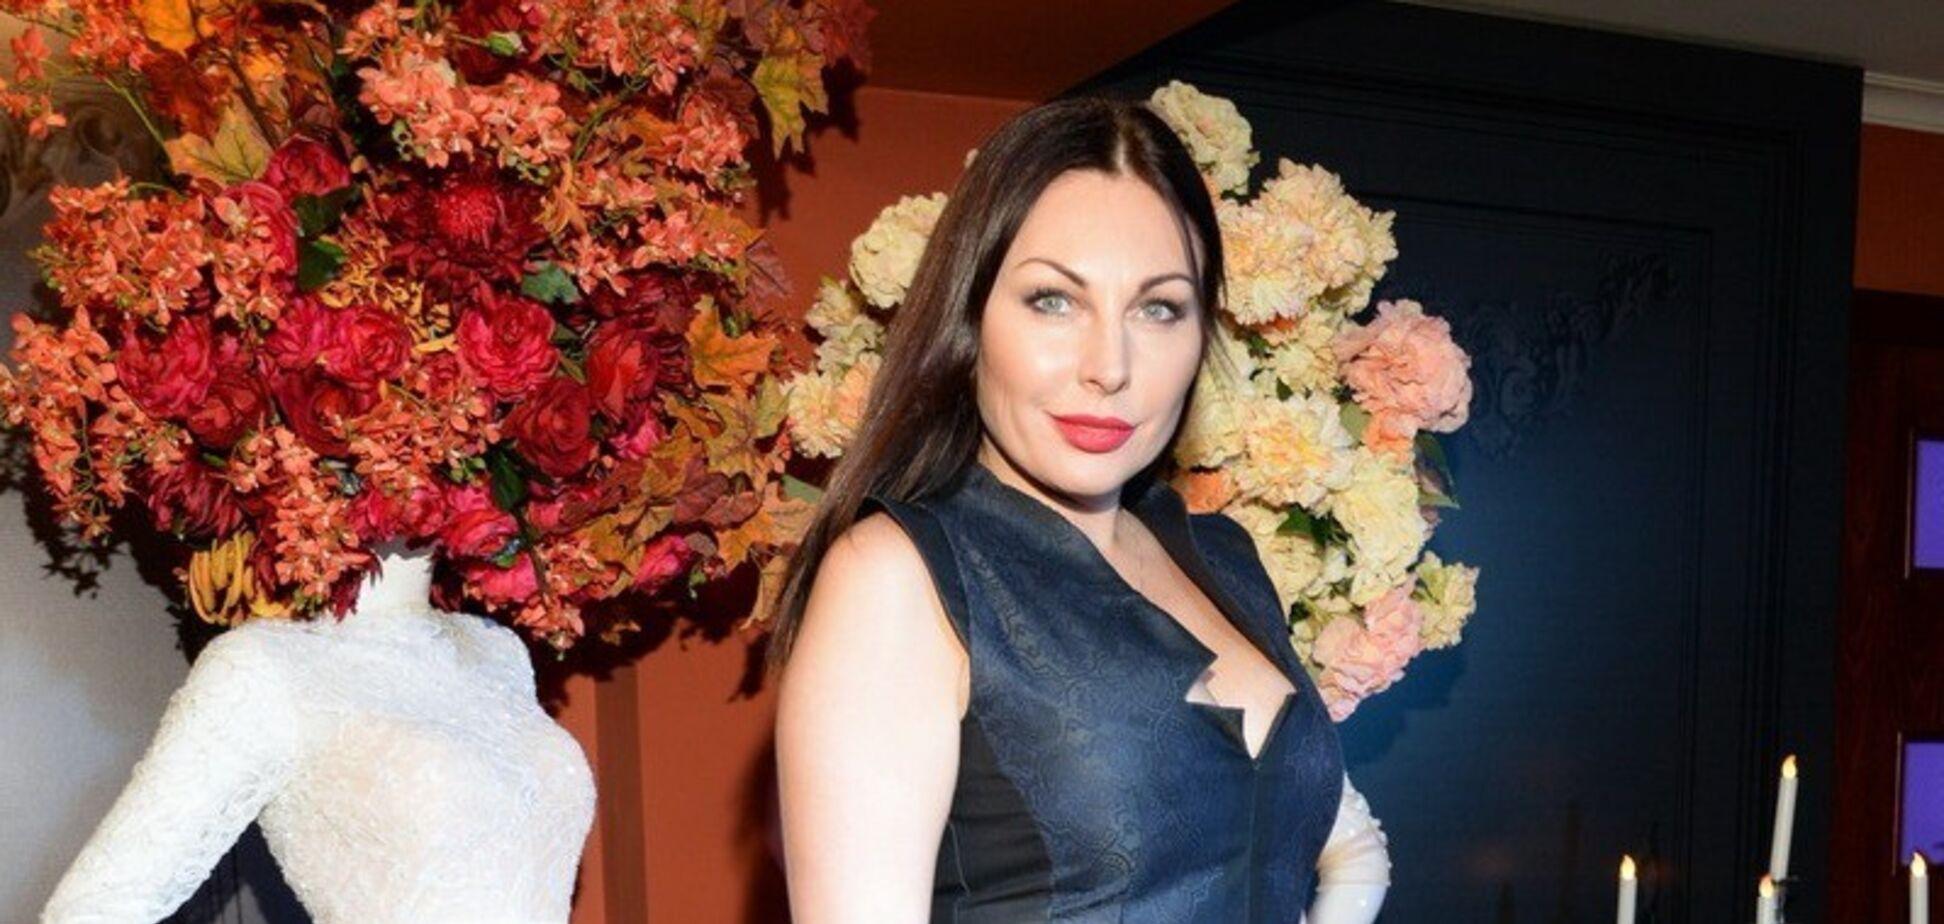 У Бочкаревой парализовало лицо после скандала с наркотиками